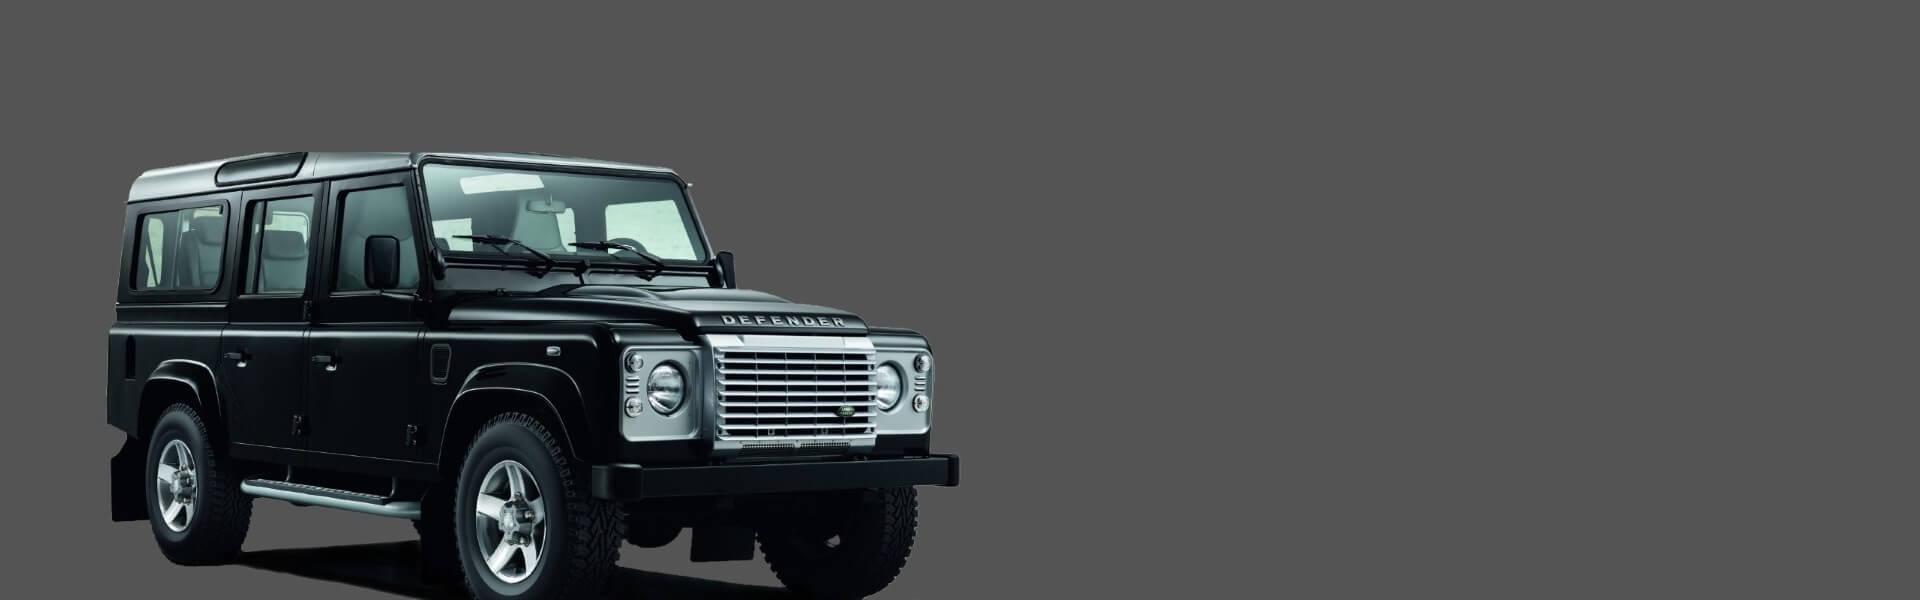 Land Rover Defender Tyres Hobart